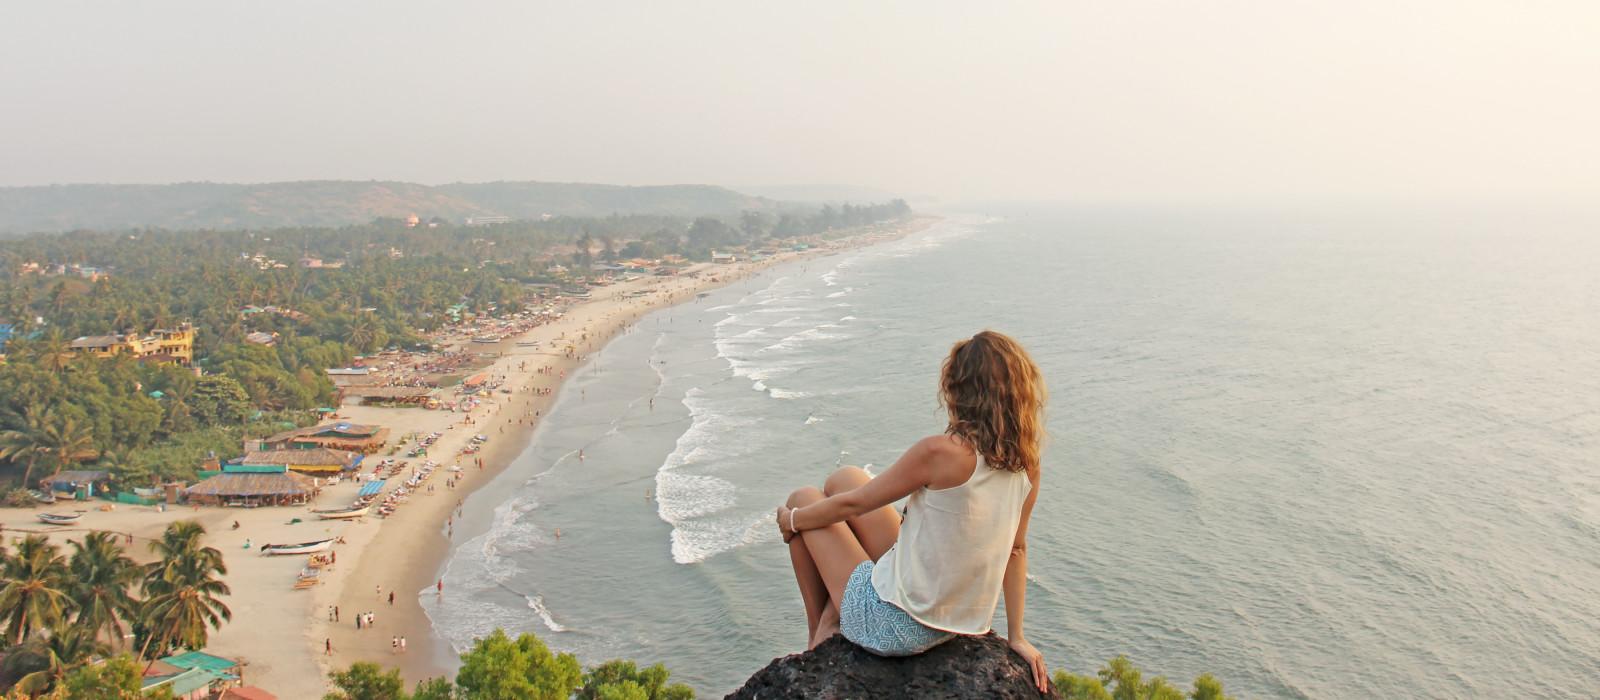 Ein junges Mädchen mit blonden Haaren sitzt auf einem Berg und schaut auf das Meer und den Strand, Arambol, Goa, Indien